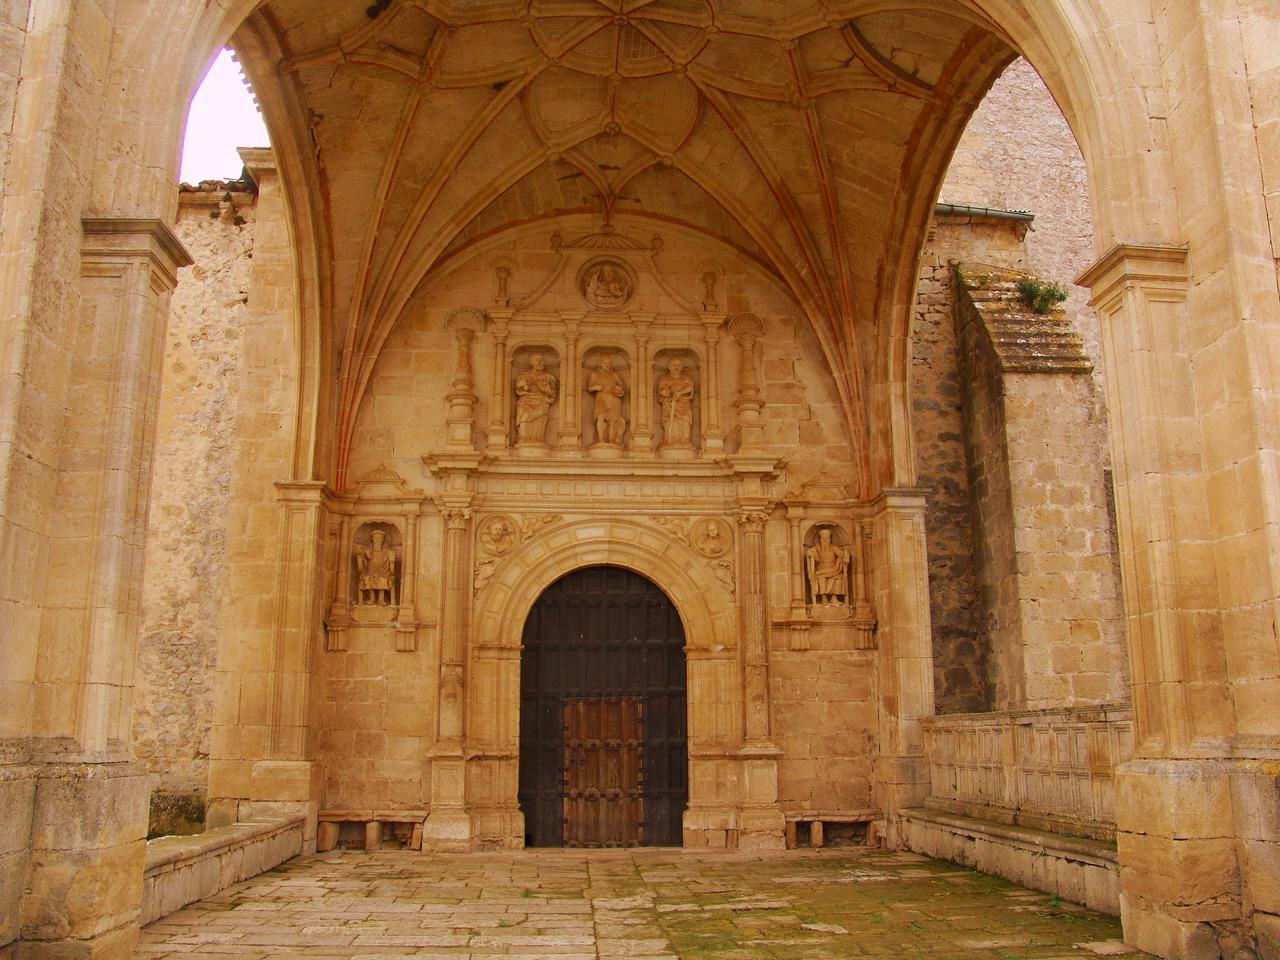 Imagen del pórtico de Bisjueces, de estilo renacentista.